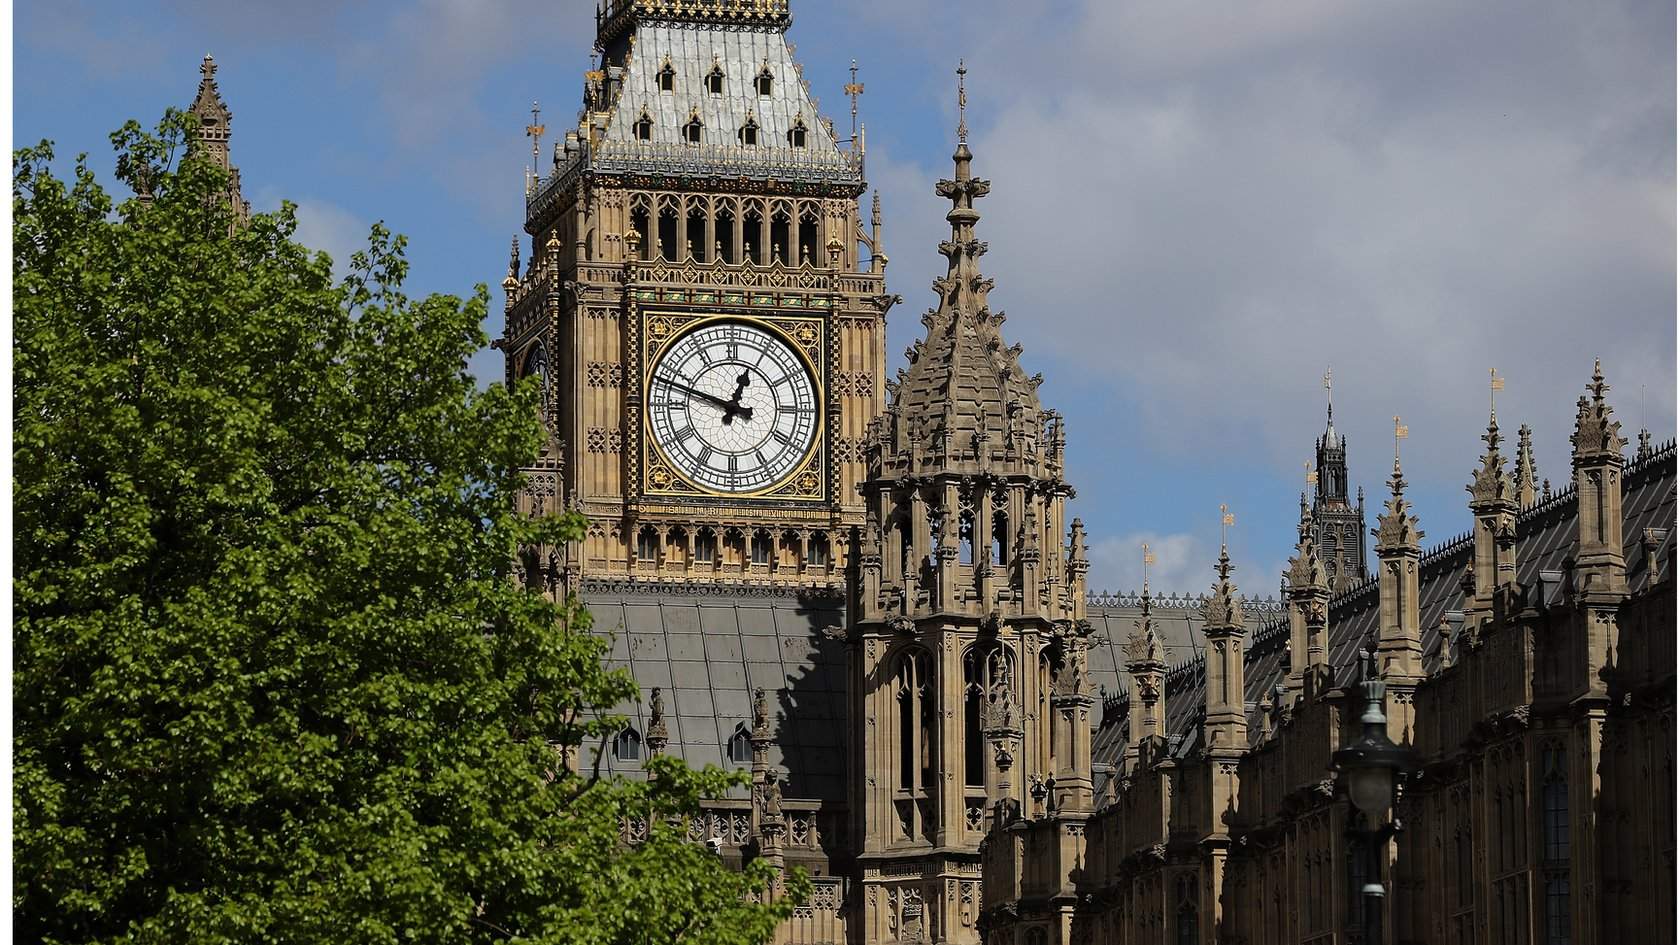 ब्रिटेन की संसद पर साइबर हमला, ईमेल हैक करने की कोशिश